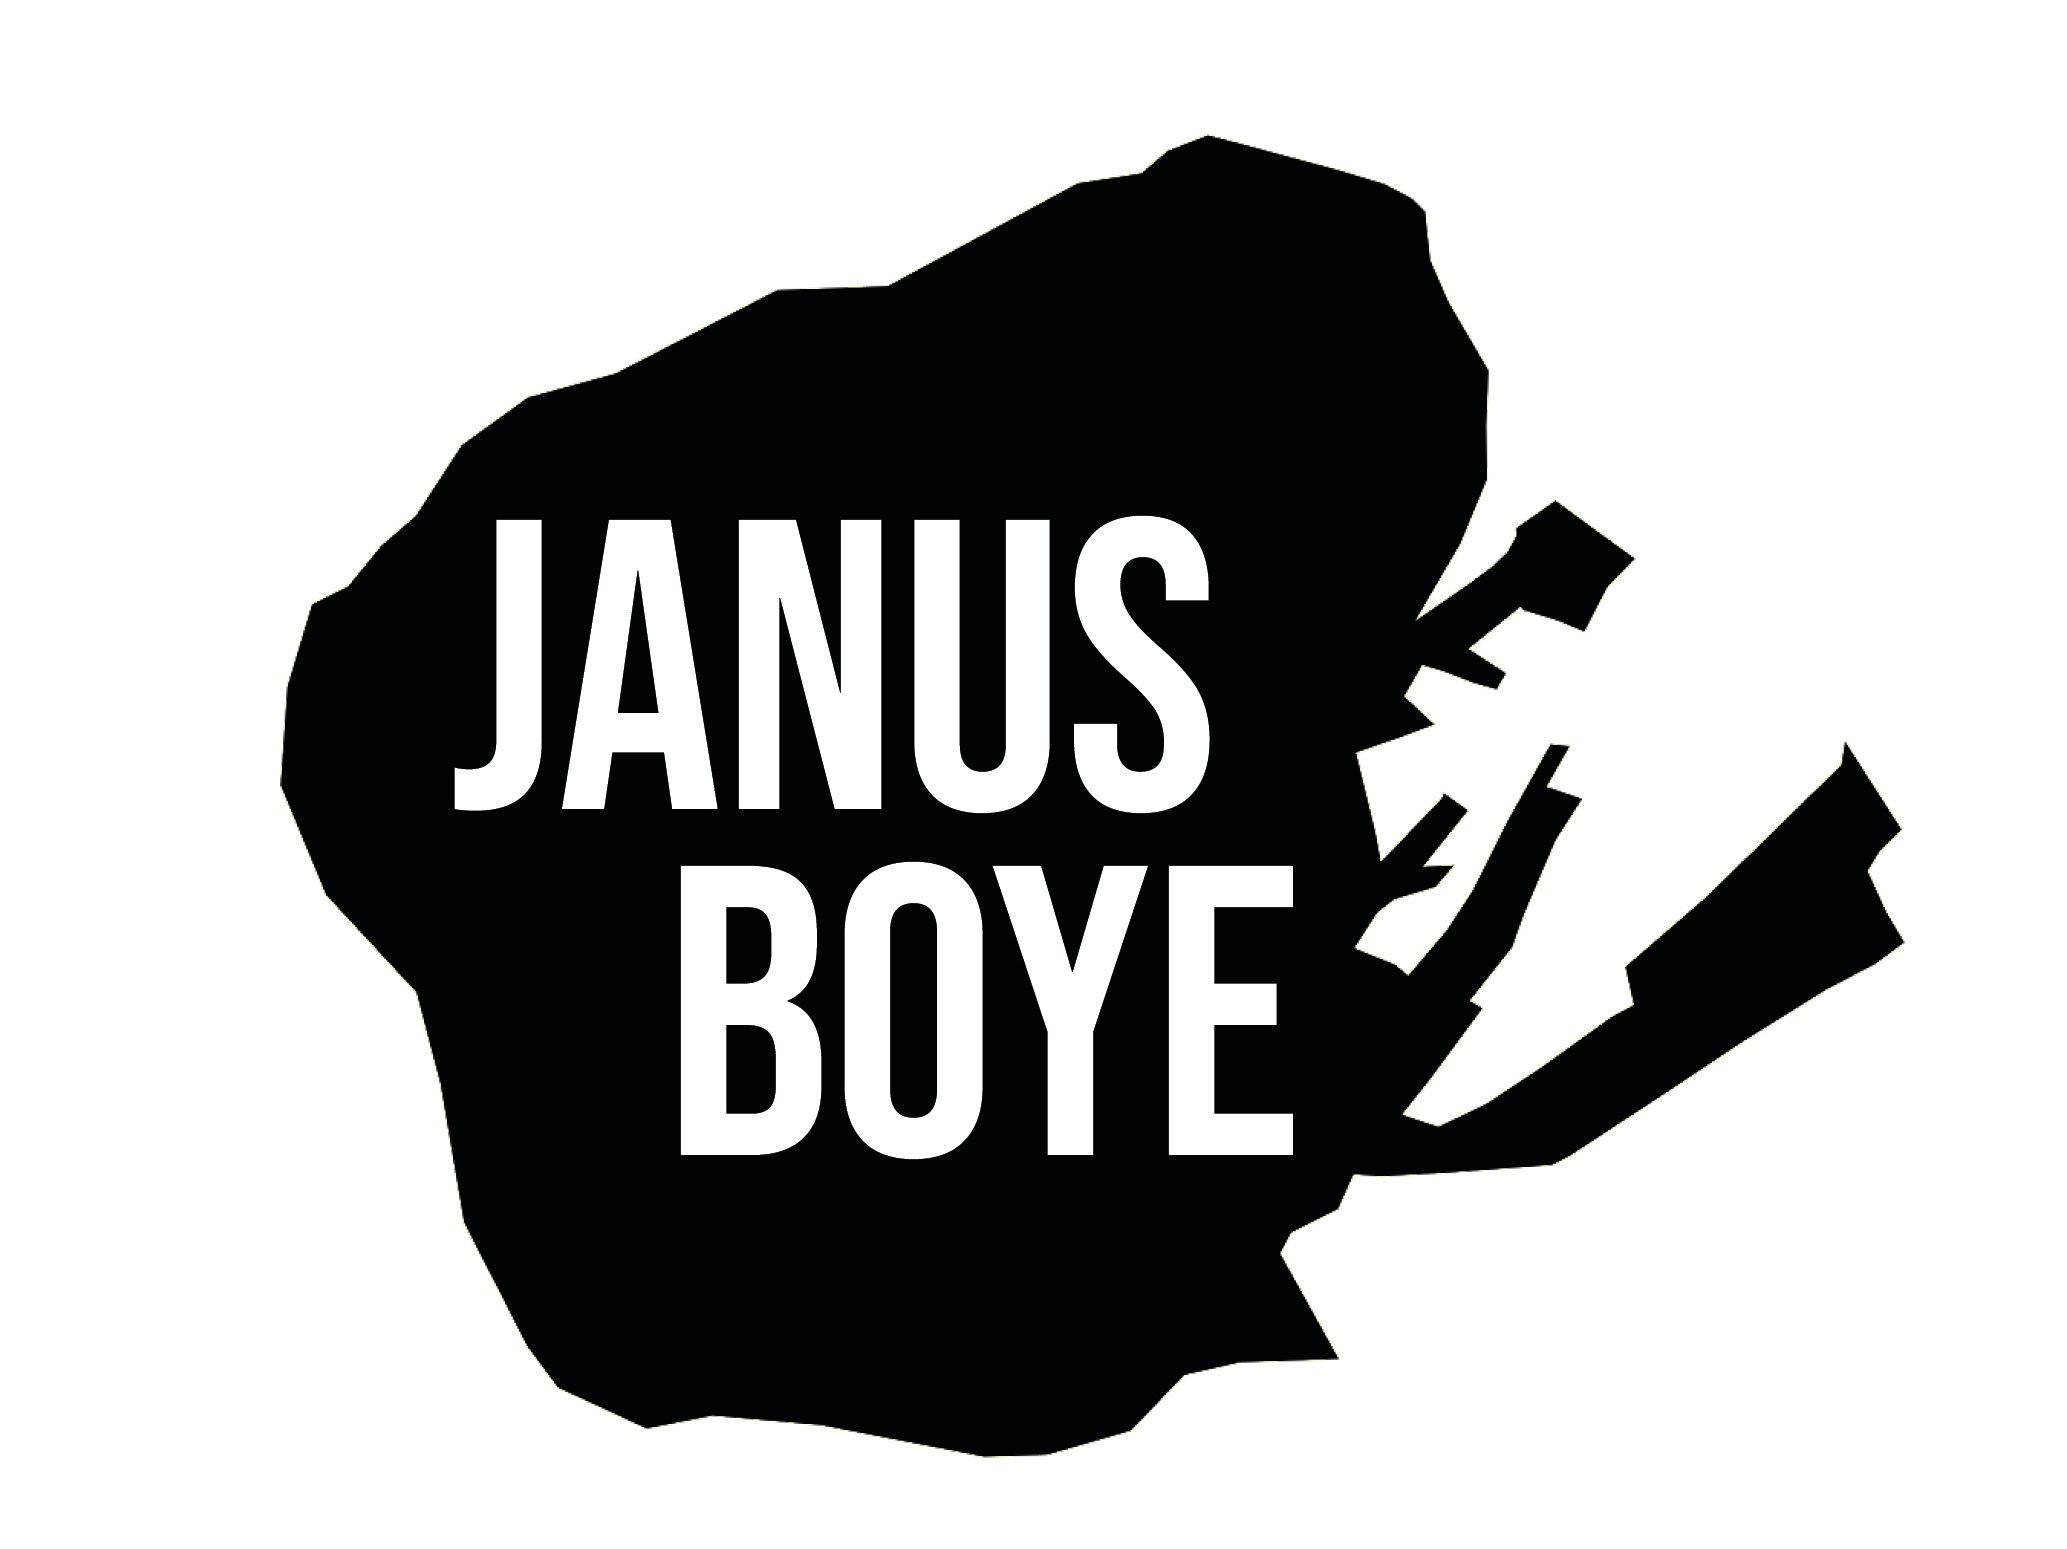 Janus Boye